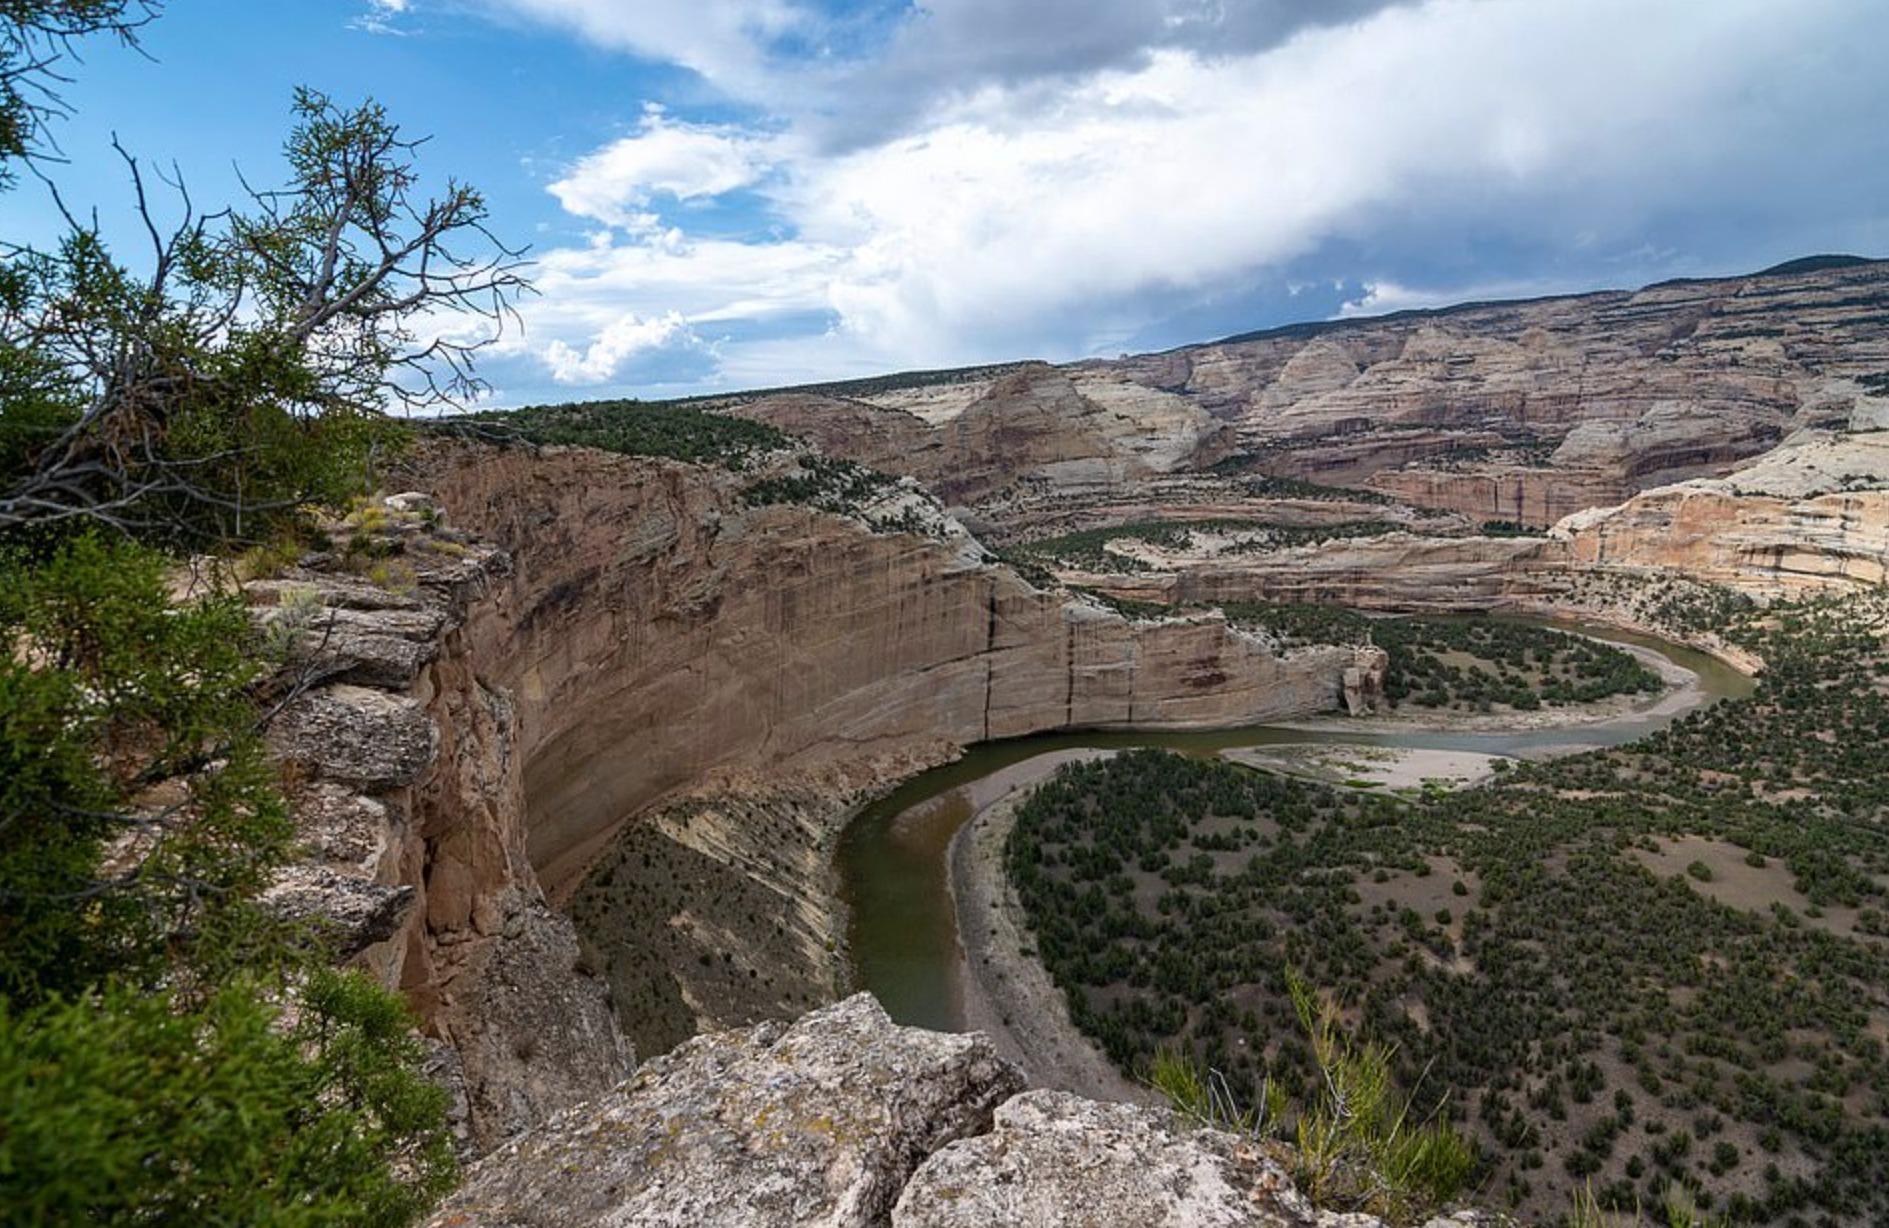 Michael Wayne Sexson ถูกพบเสียชีวิตในส่วนที่ห่างไกลของอนุสาวรีย์แห่งชาติไดโนเสาร์ของโคโลราโดเพื่อค้นหาสมบัติของ Fenn